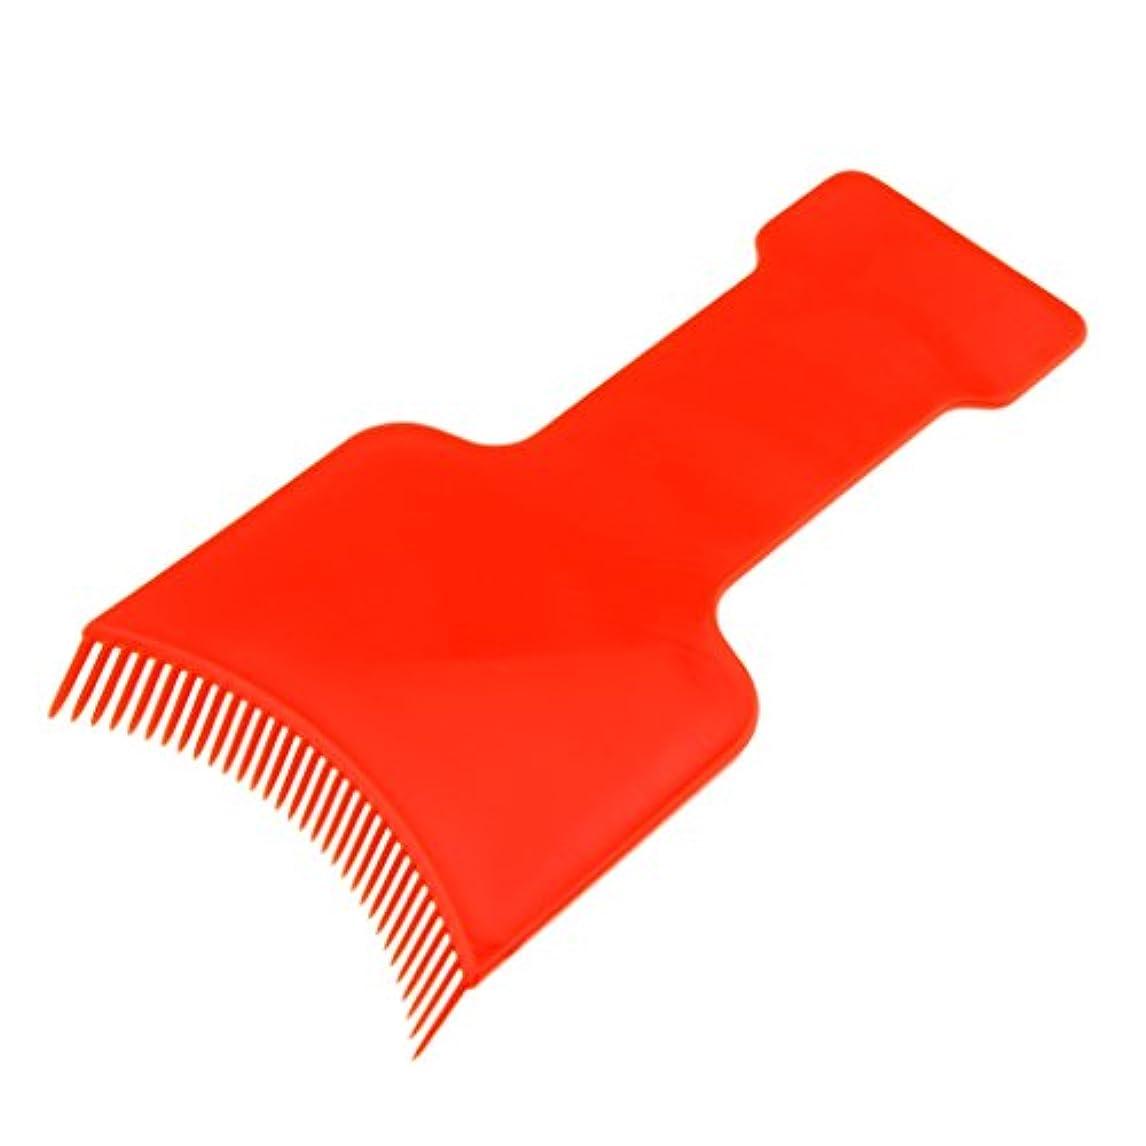 曖昧な狂った演じるヘアカラーボード ヘアダイコーム ヘアダイブラシ 染色櫛 プレート ヘアサロン 用品